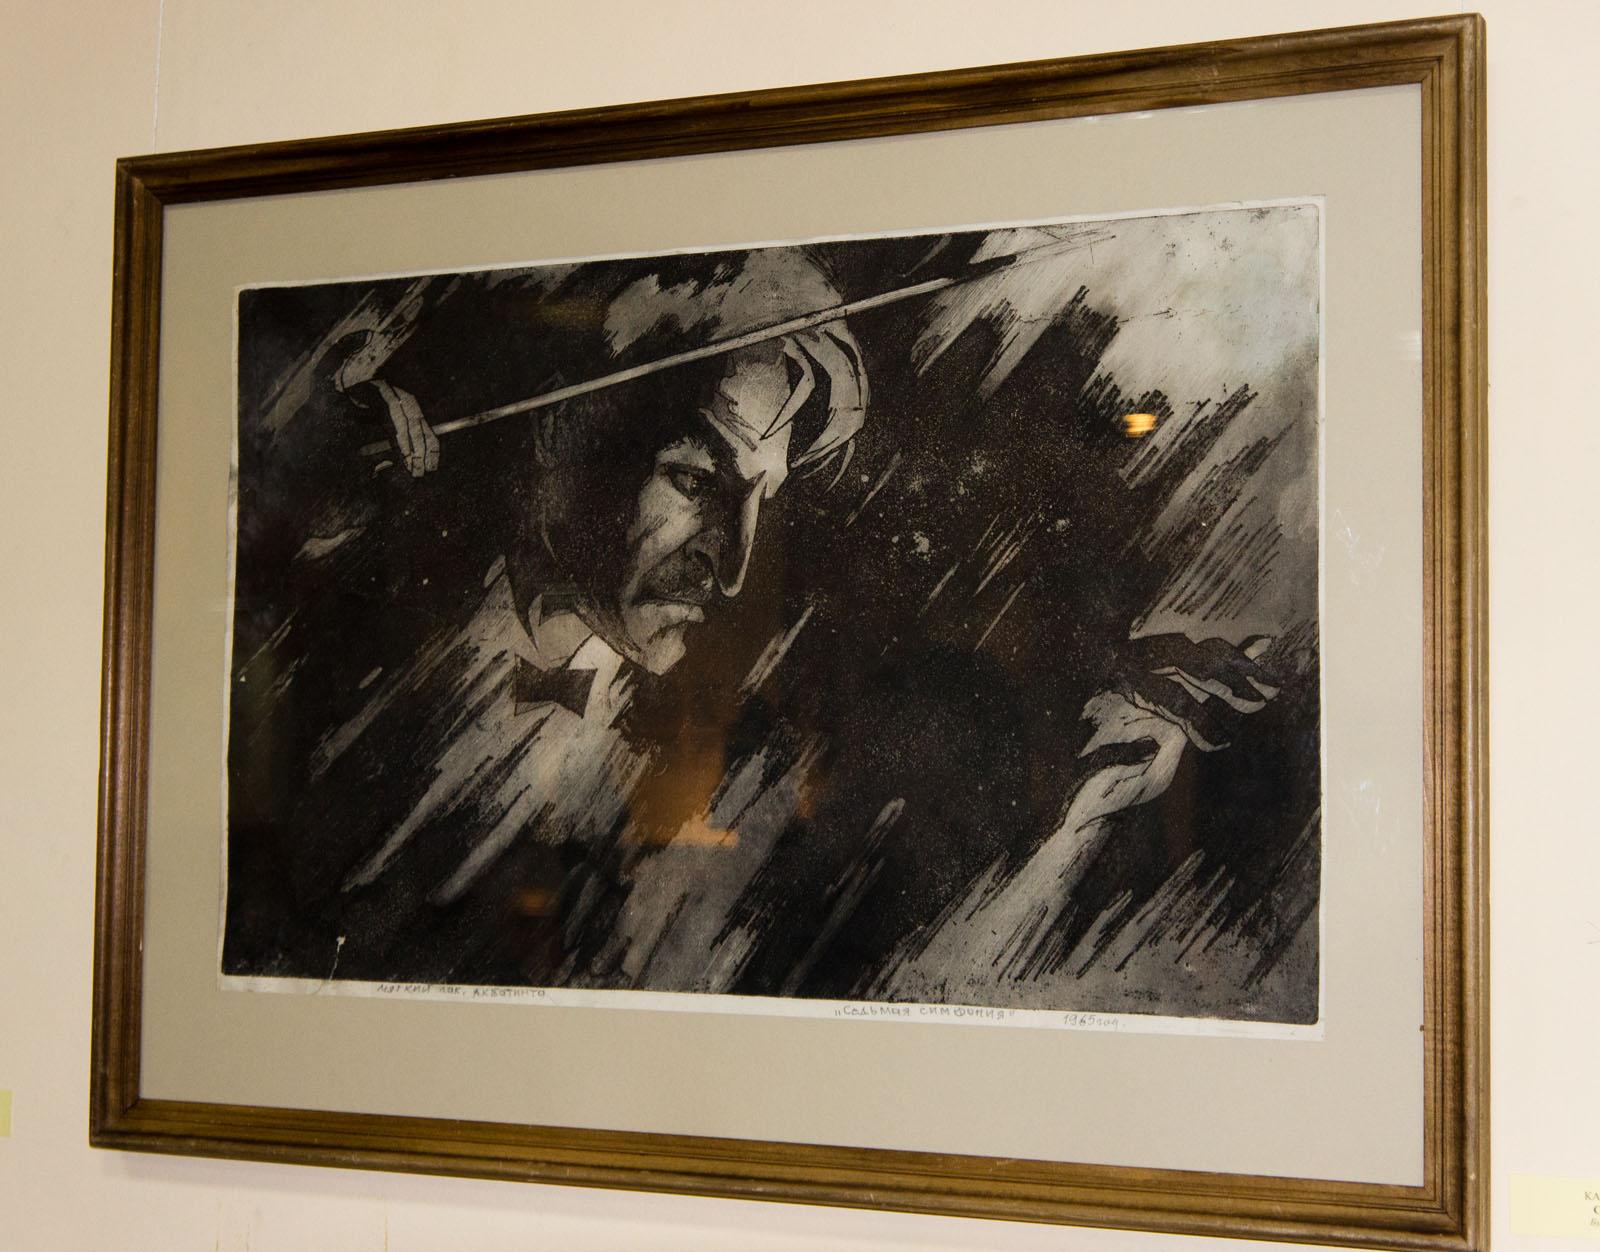 Фото №67256. Седьмая симфония. 1965. Кальюранл Л.М., Казань